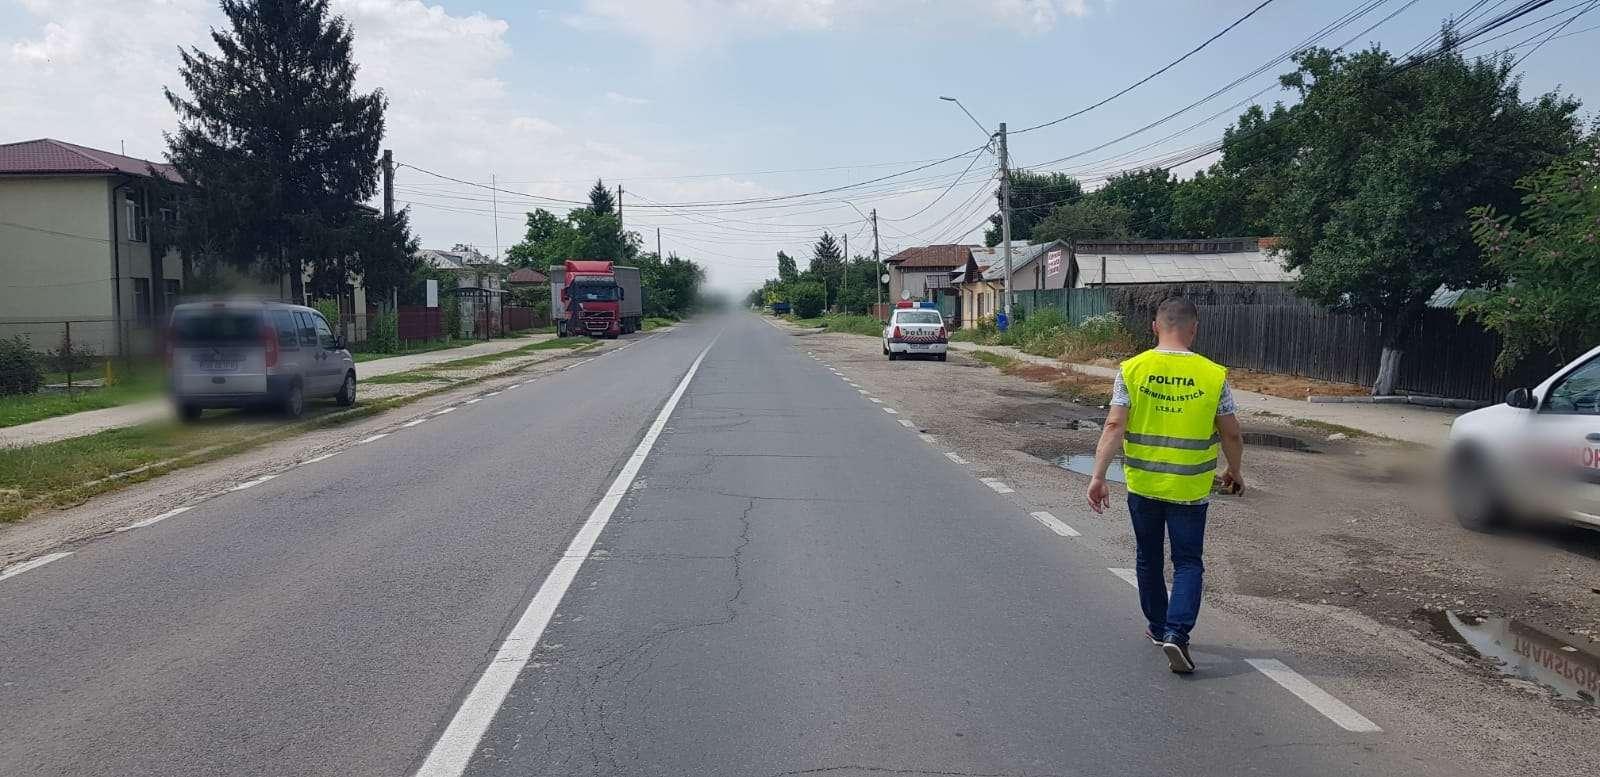 Accident pe Drumul Național 7, la Titu Târg